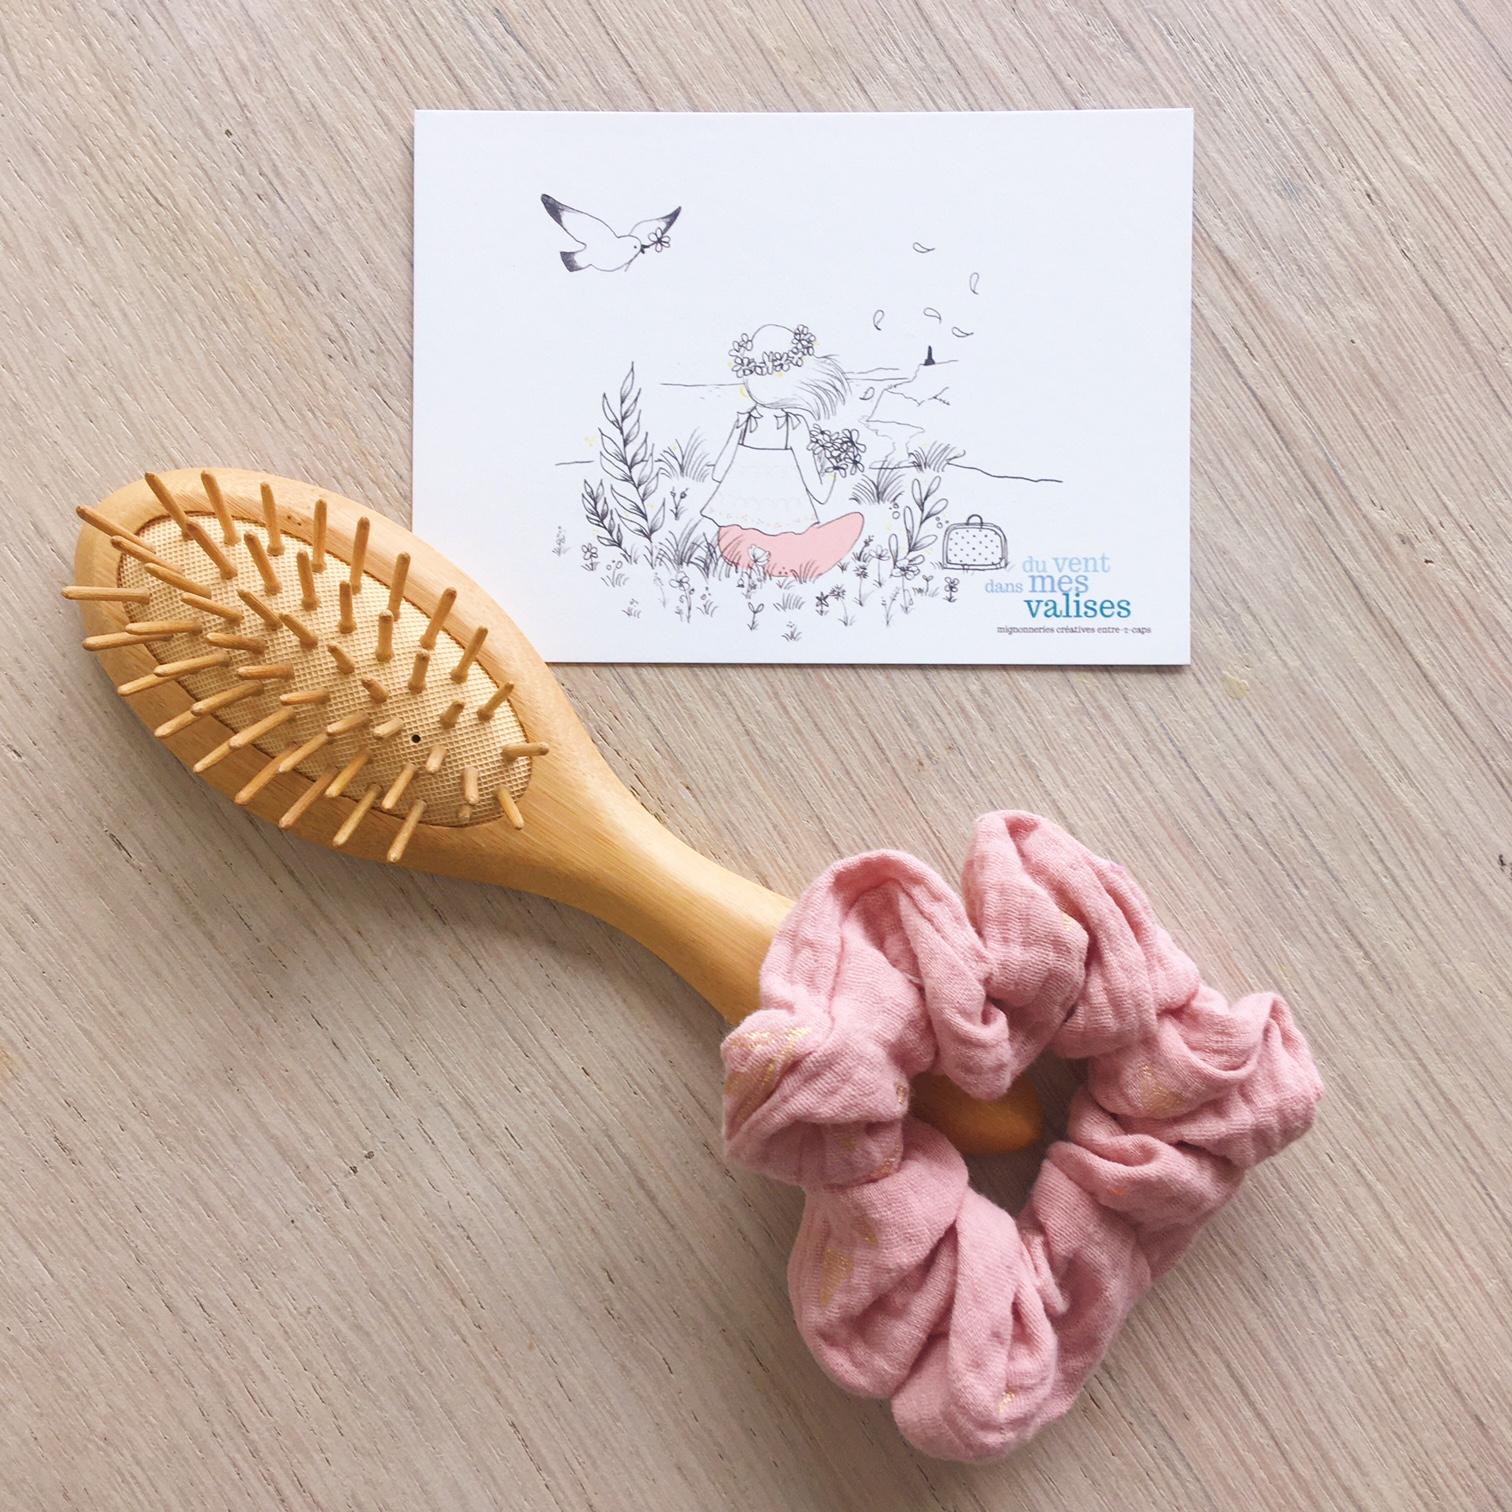 chouchou chic rosée motifs cuivrés discrets fabrication artisanale française en double gaze de coton - du vent dans mes valises